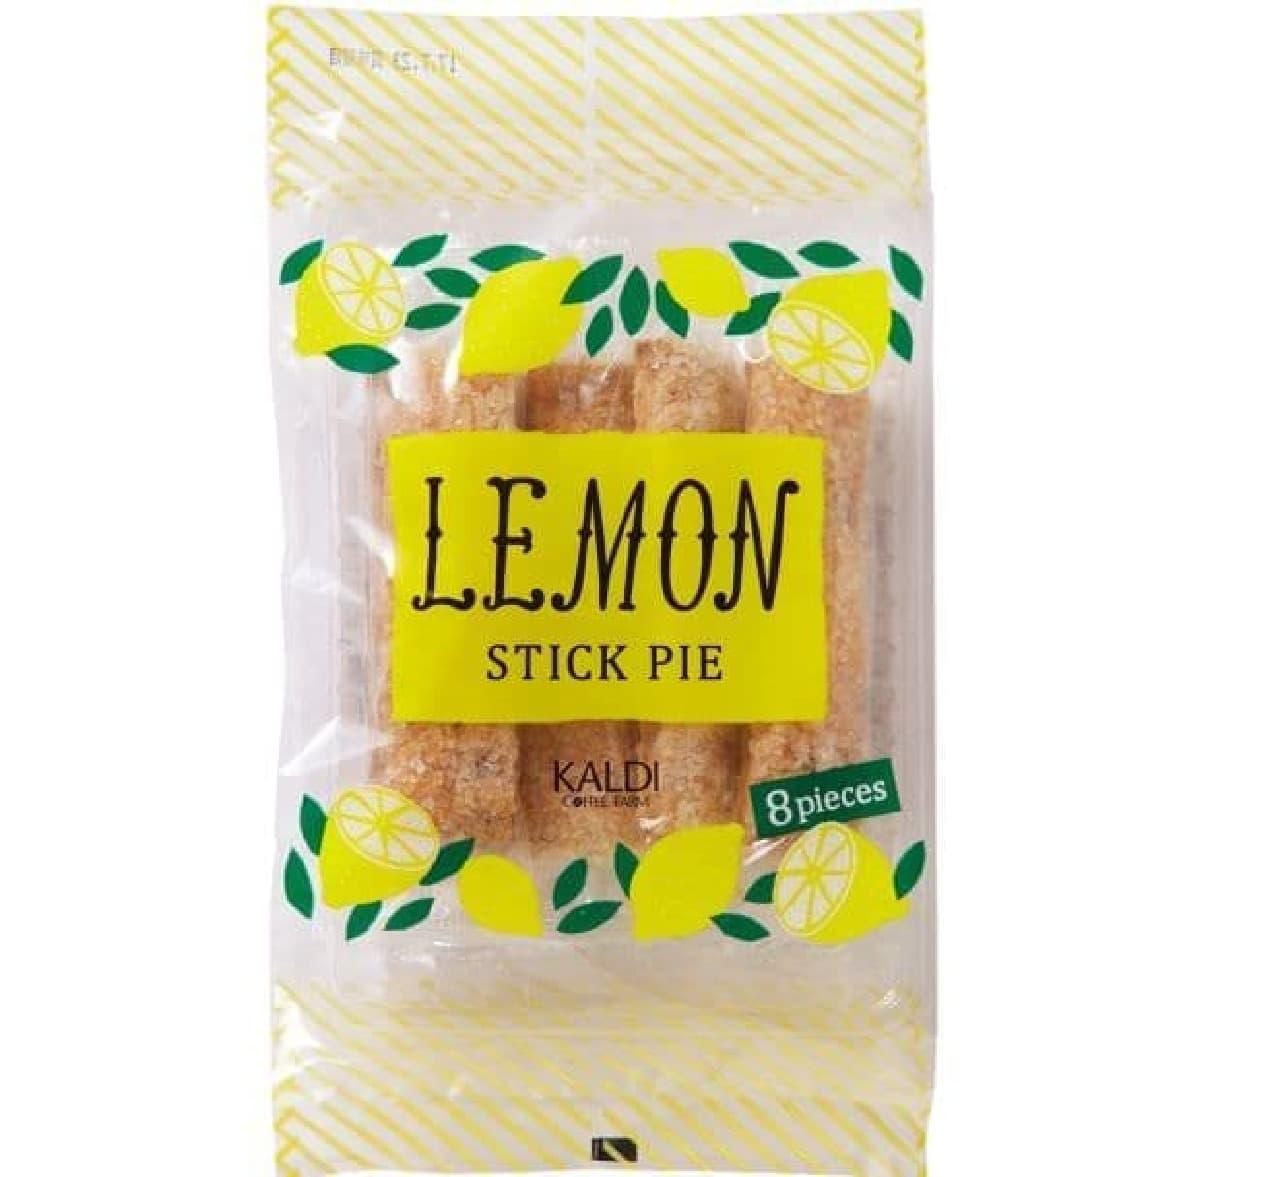 レモンバッグは、スパークリングカクテル、レモンスティックパイ、レモンハンカチをオリジナルトートバッグに入れた商品